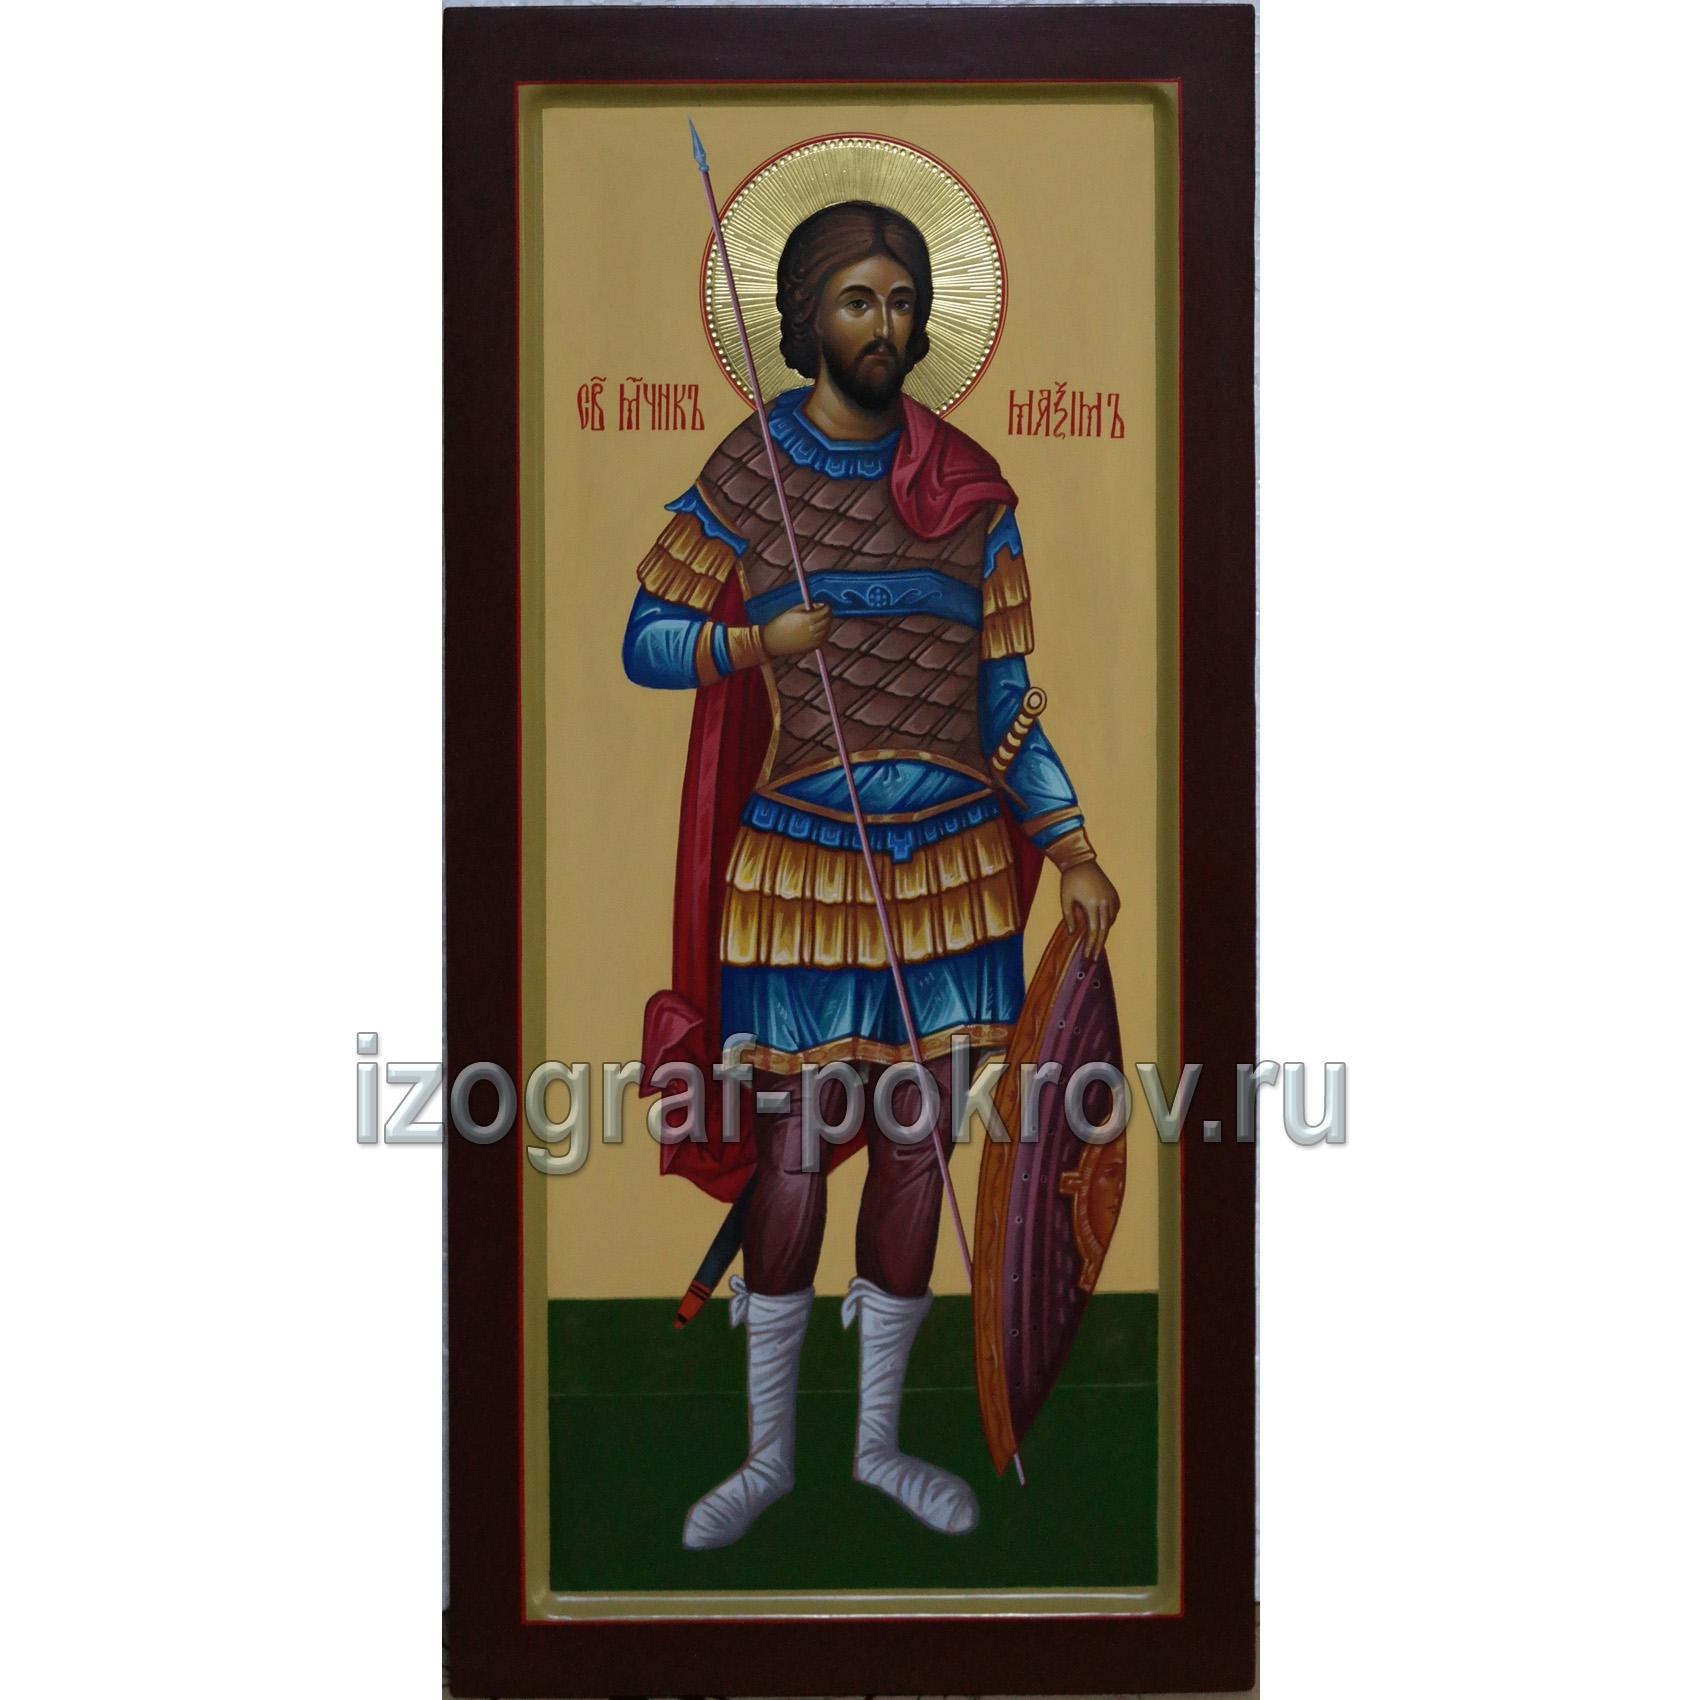 Мерная икона Максим Антиохийский воин